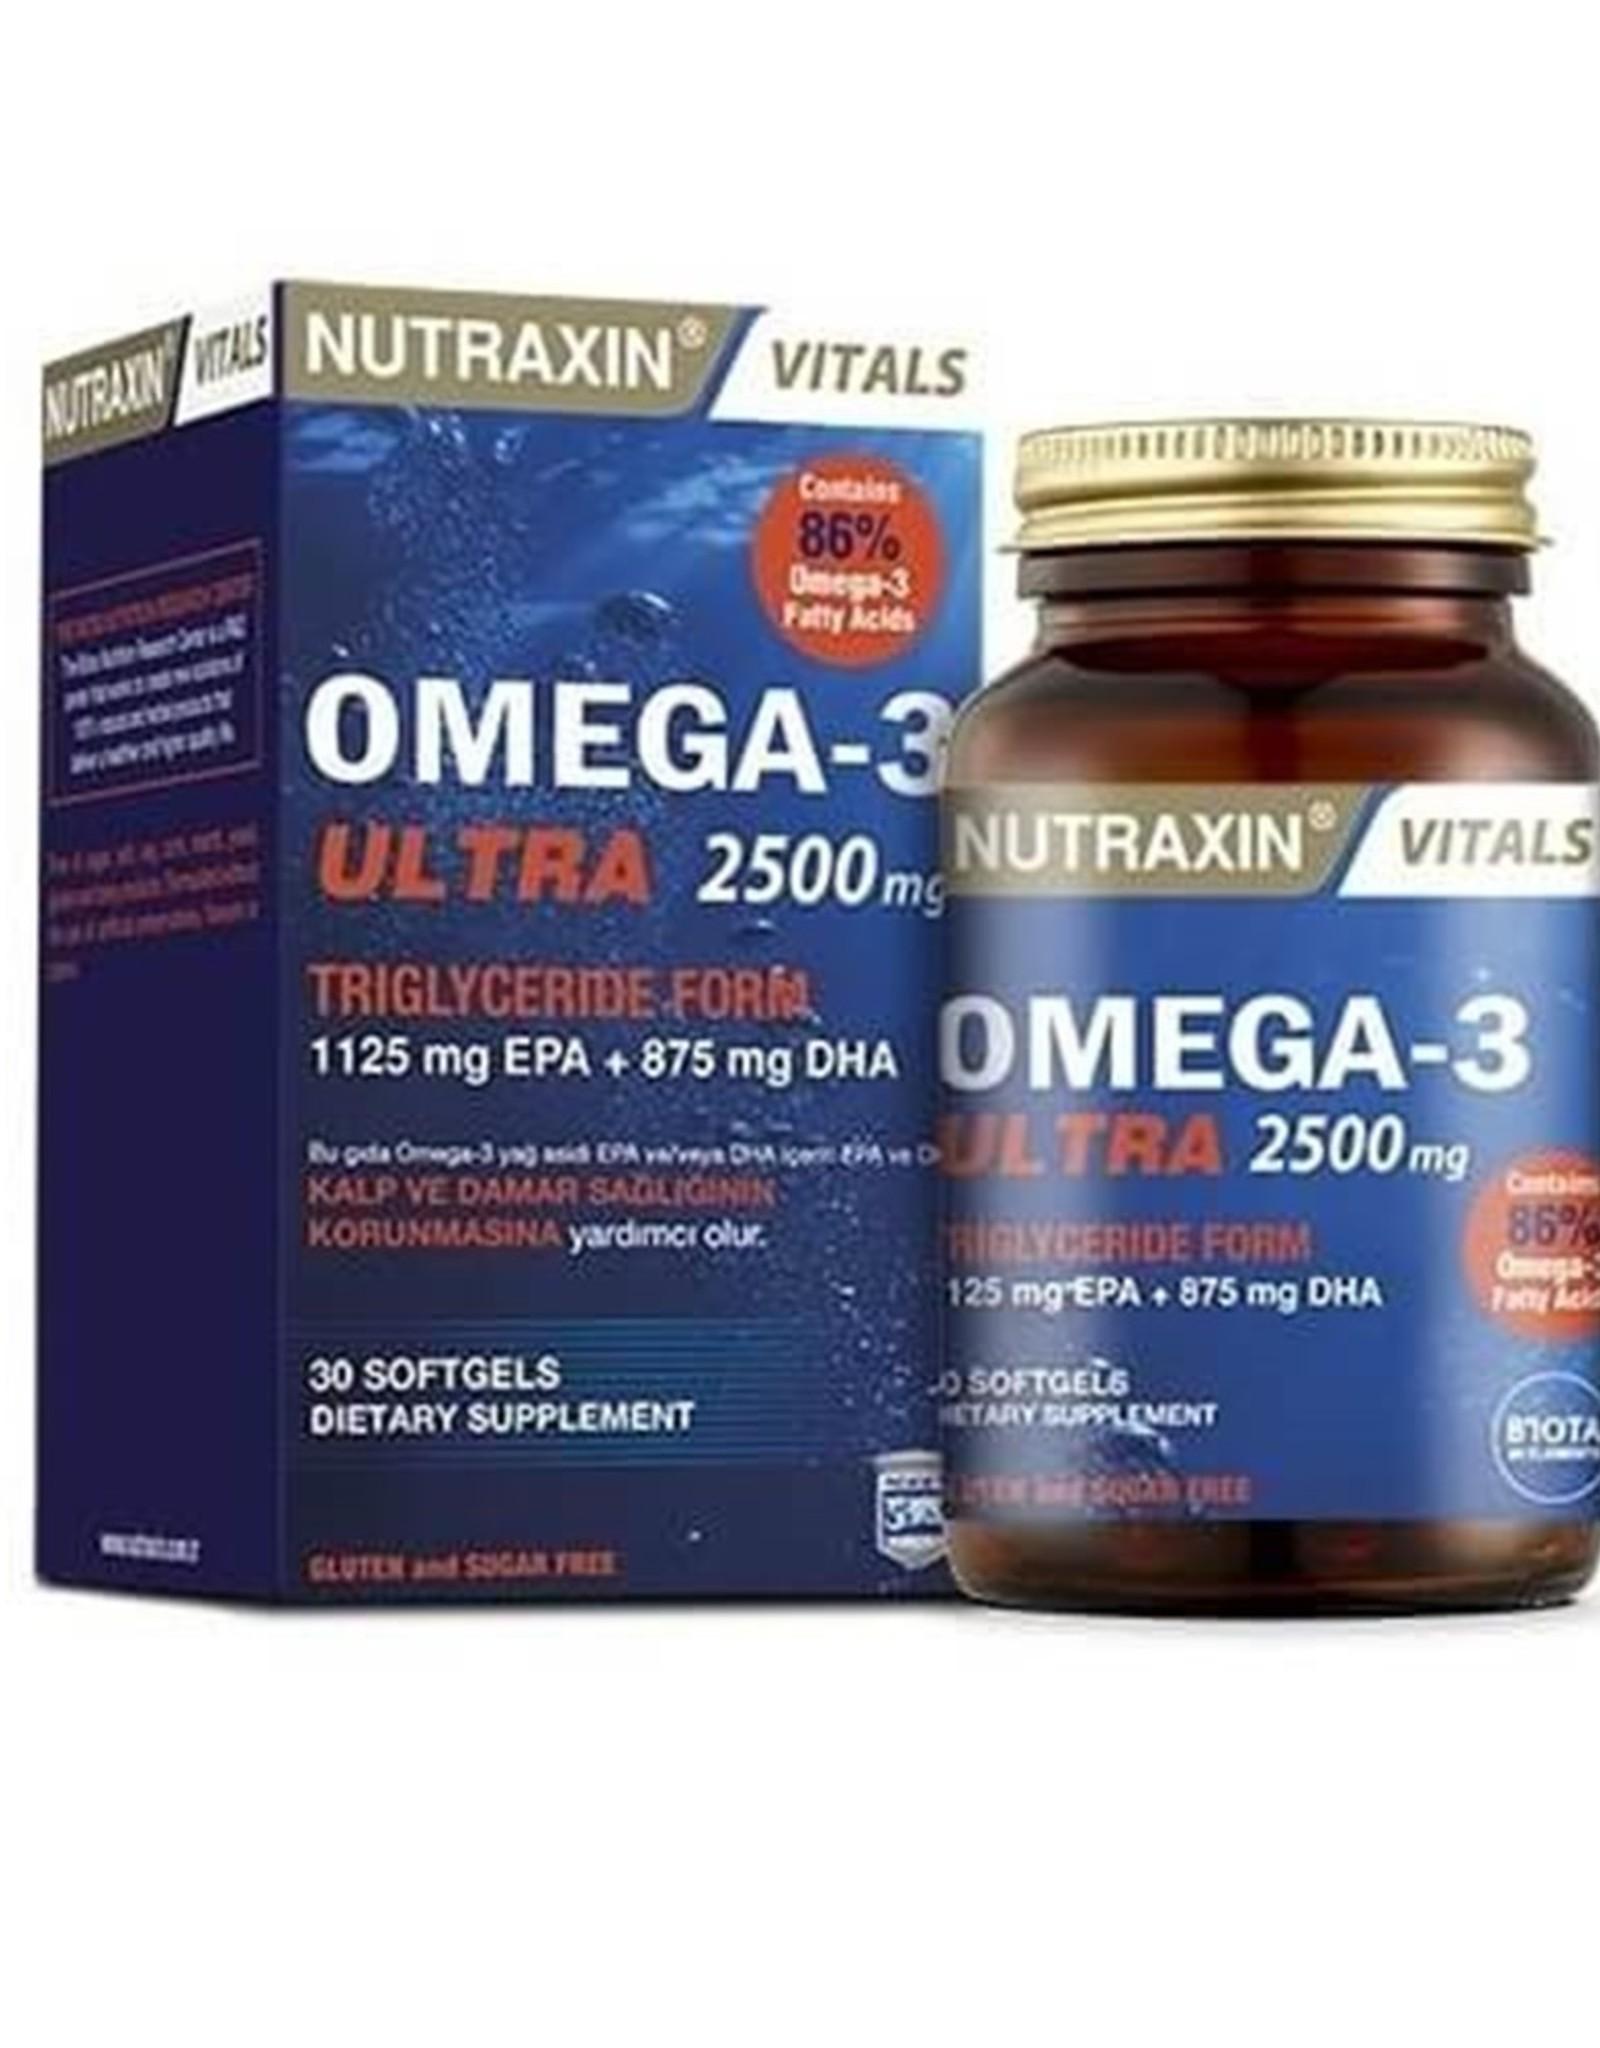 Nutraxin Biota Nutraxin Omega-3 Ultra 2500 mg - 30 softgels